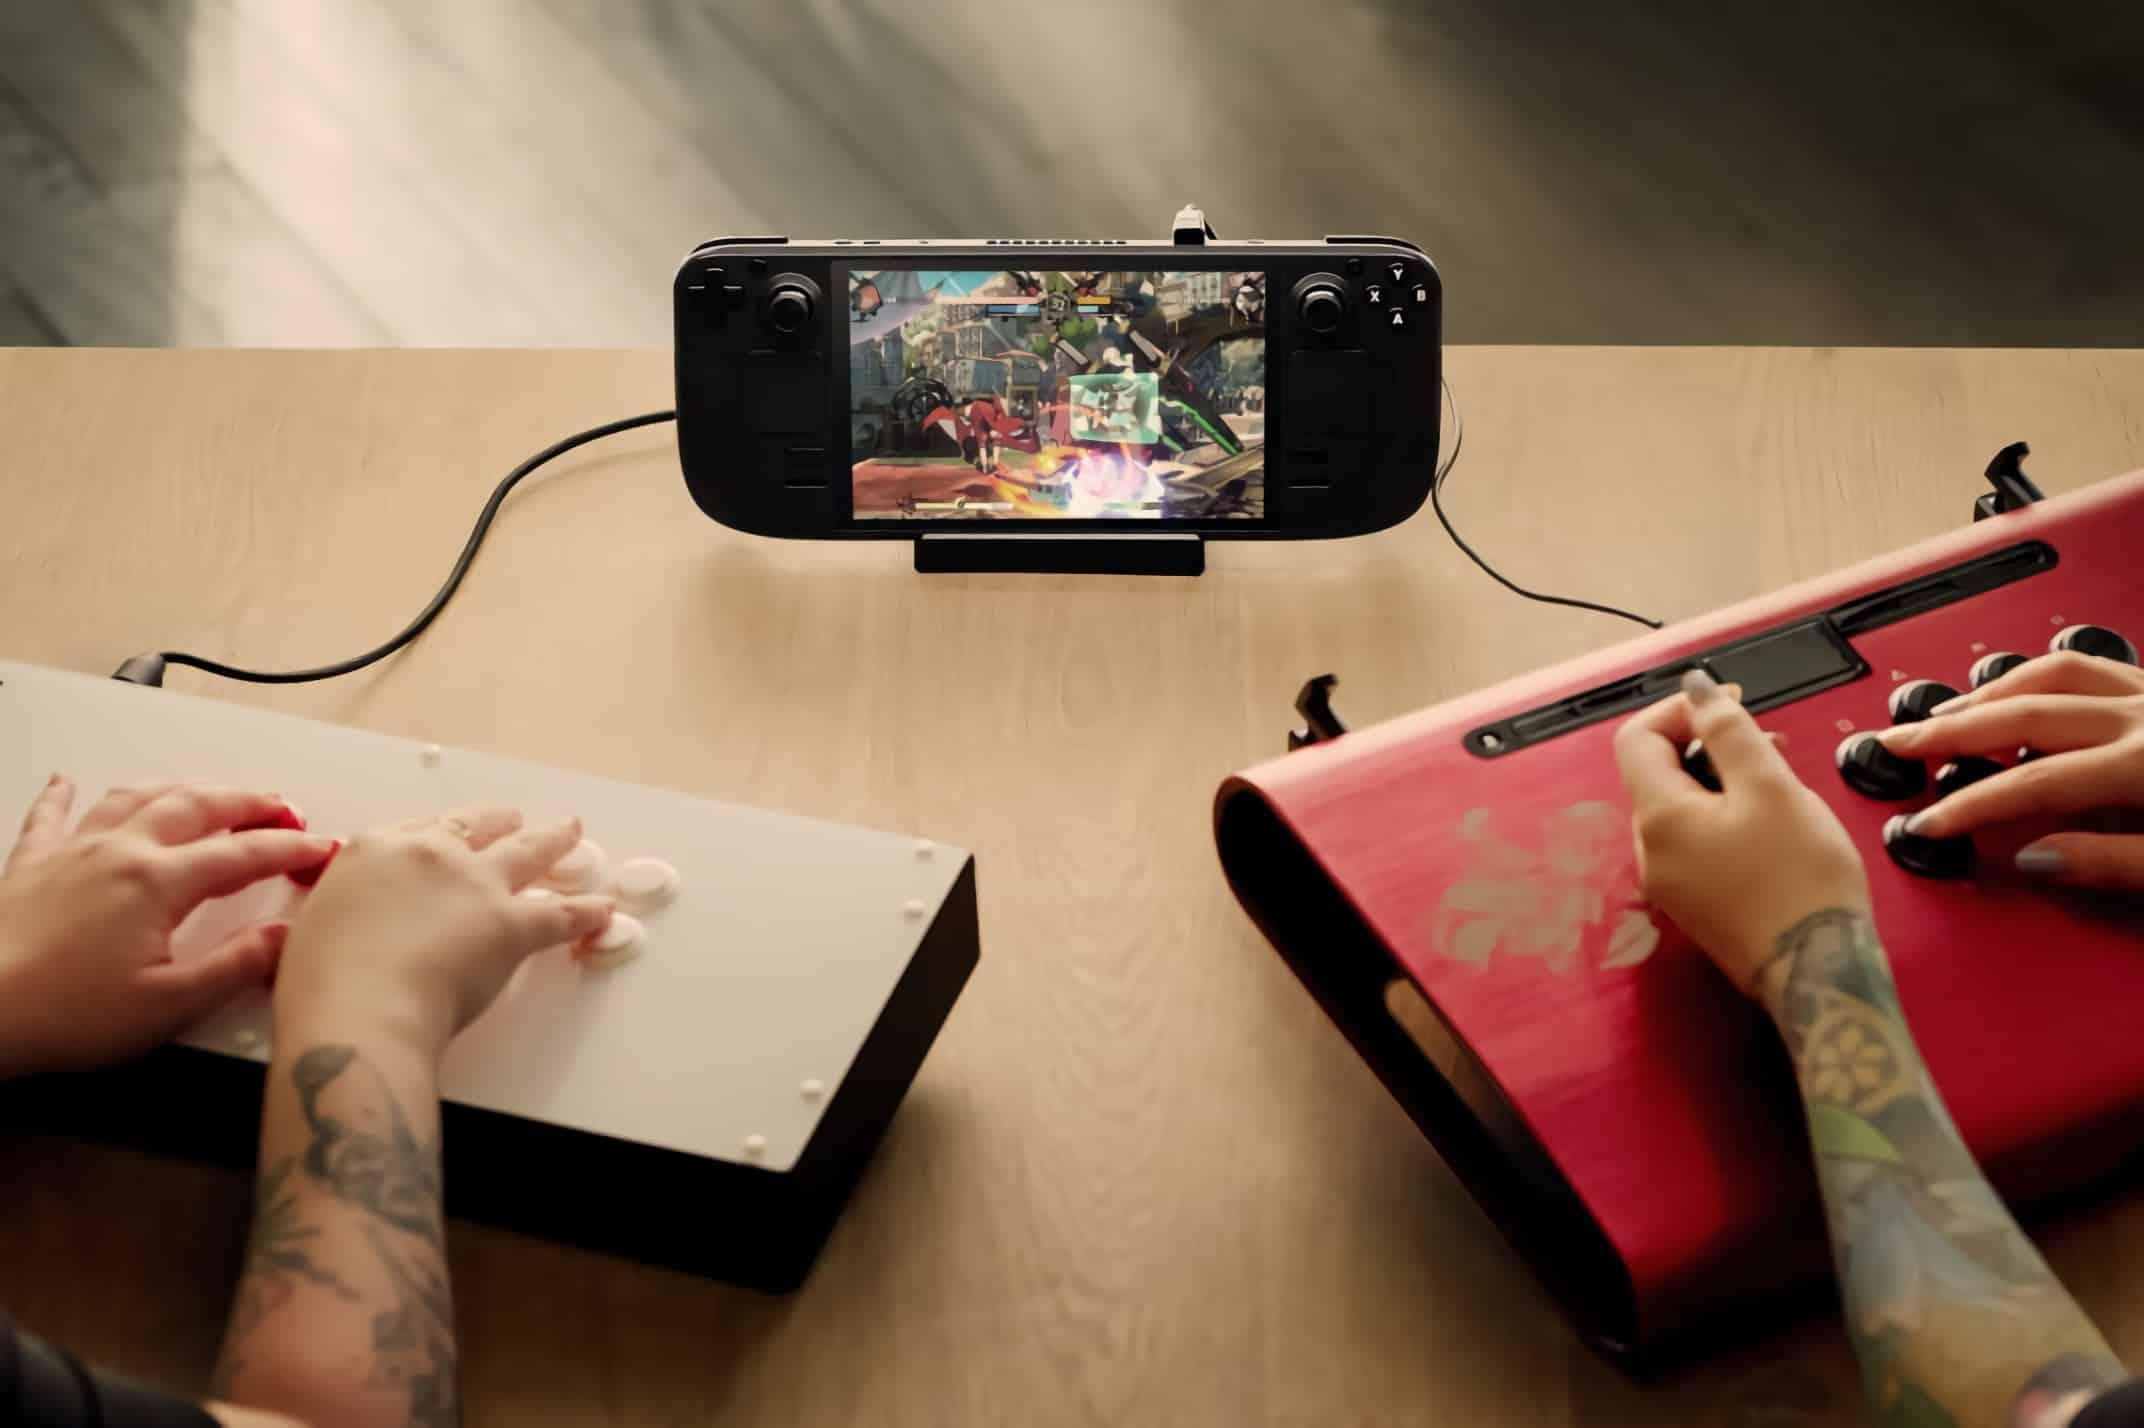 La console portable Steam Deck est compatible avec divers accessoires